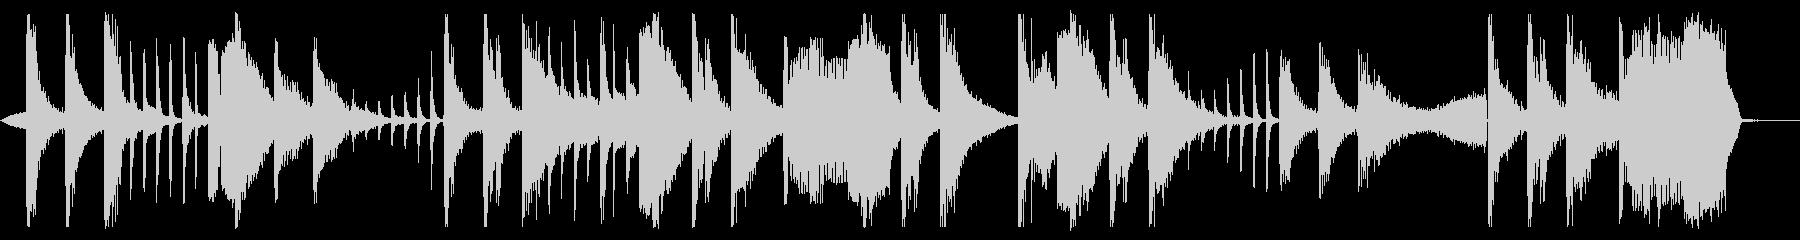 ホーンとシンセのエレクトロポップの未再生の波形